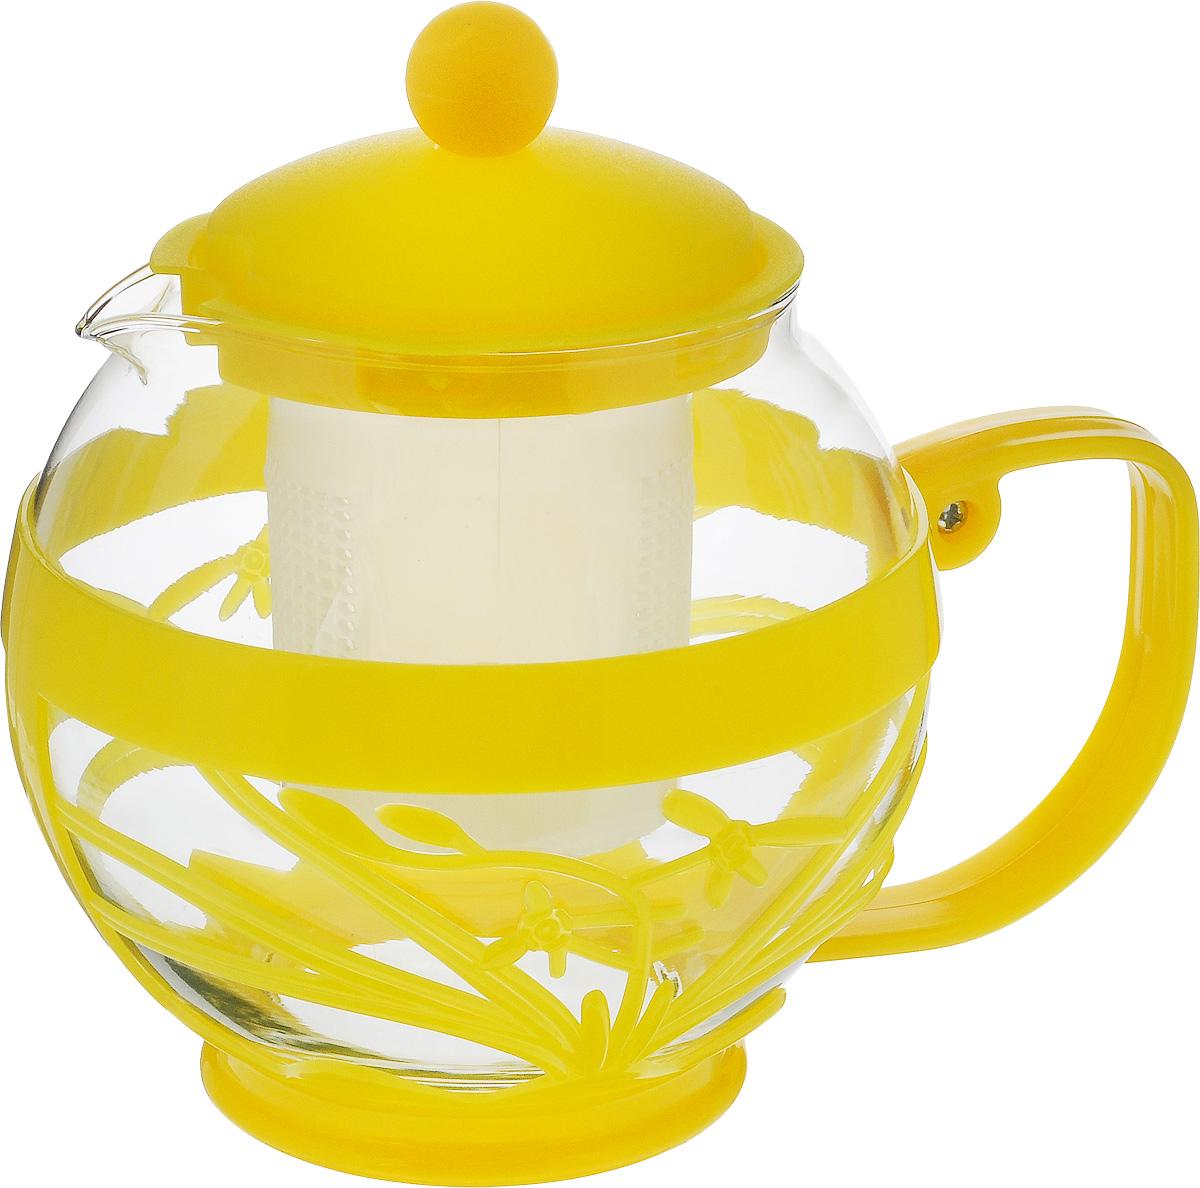 Чайник заварочный Wellberg Aqual, с фильтром, цвет: прозрачный, желтый, 800 мл361 WB_желтыйЗаварочный чайник Wellberg Aqual изготовлен из высококачественного пластика и жаропрочного стекла. Чайник имеет пластиковый фильтр и оснащен удобной ручкой. Он прекрасно подойдет для заваривания чая и травяных напитков. Такой заварочный чайник займет достойное место на вашей кухне. Высота чайника (без учета крышки): 11,5 см. Высота чайника (с учетом крышки): 14 см. Диаметр (по верхнему краю) 7 см.